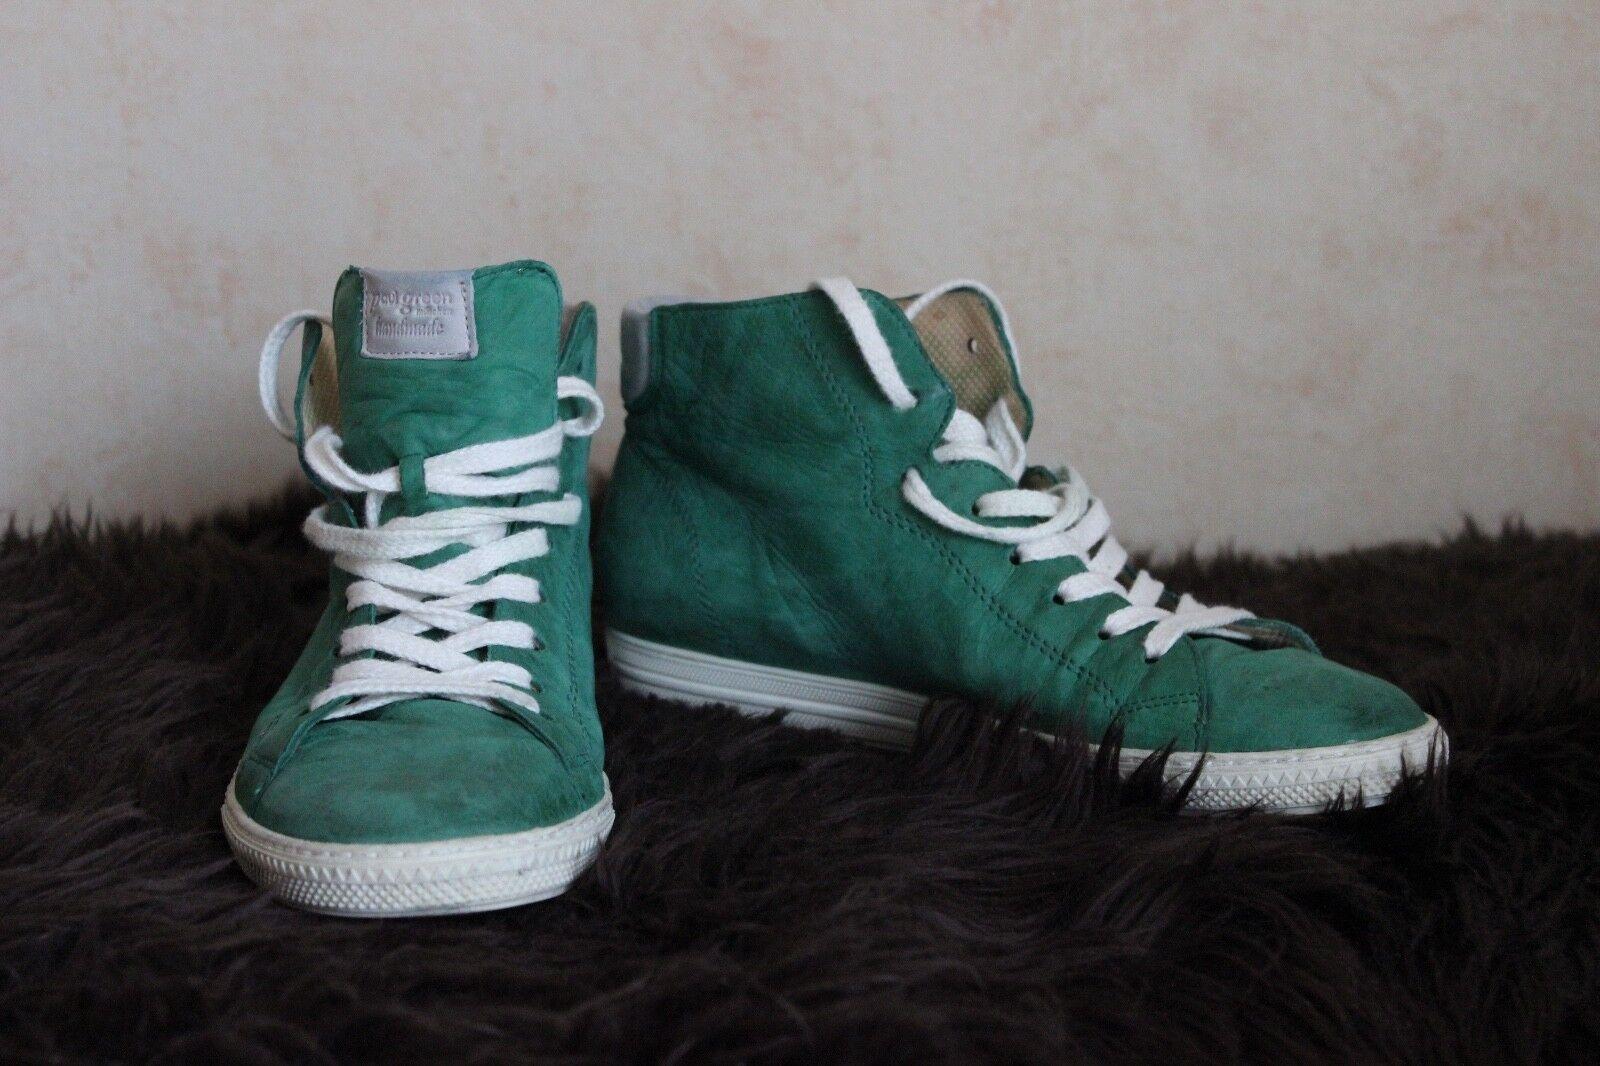 Damen Schuhe Turnschuhe Paul Grün Grün Größe 4,5